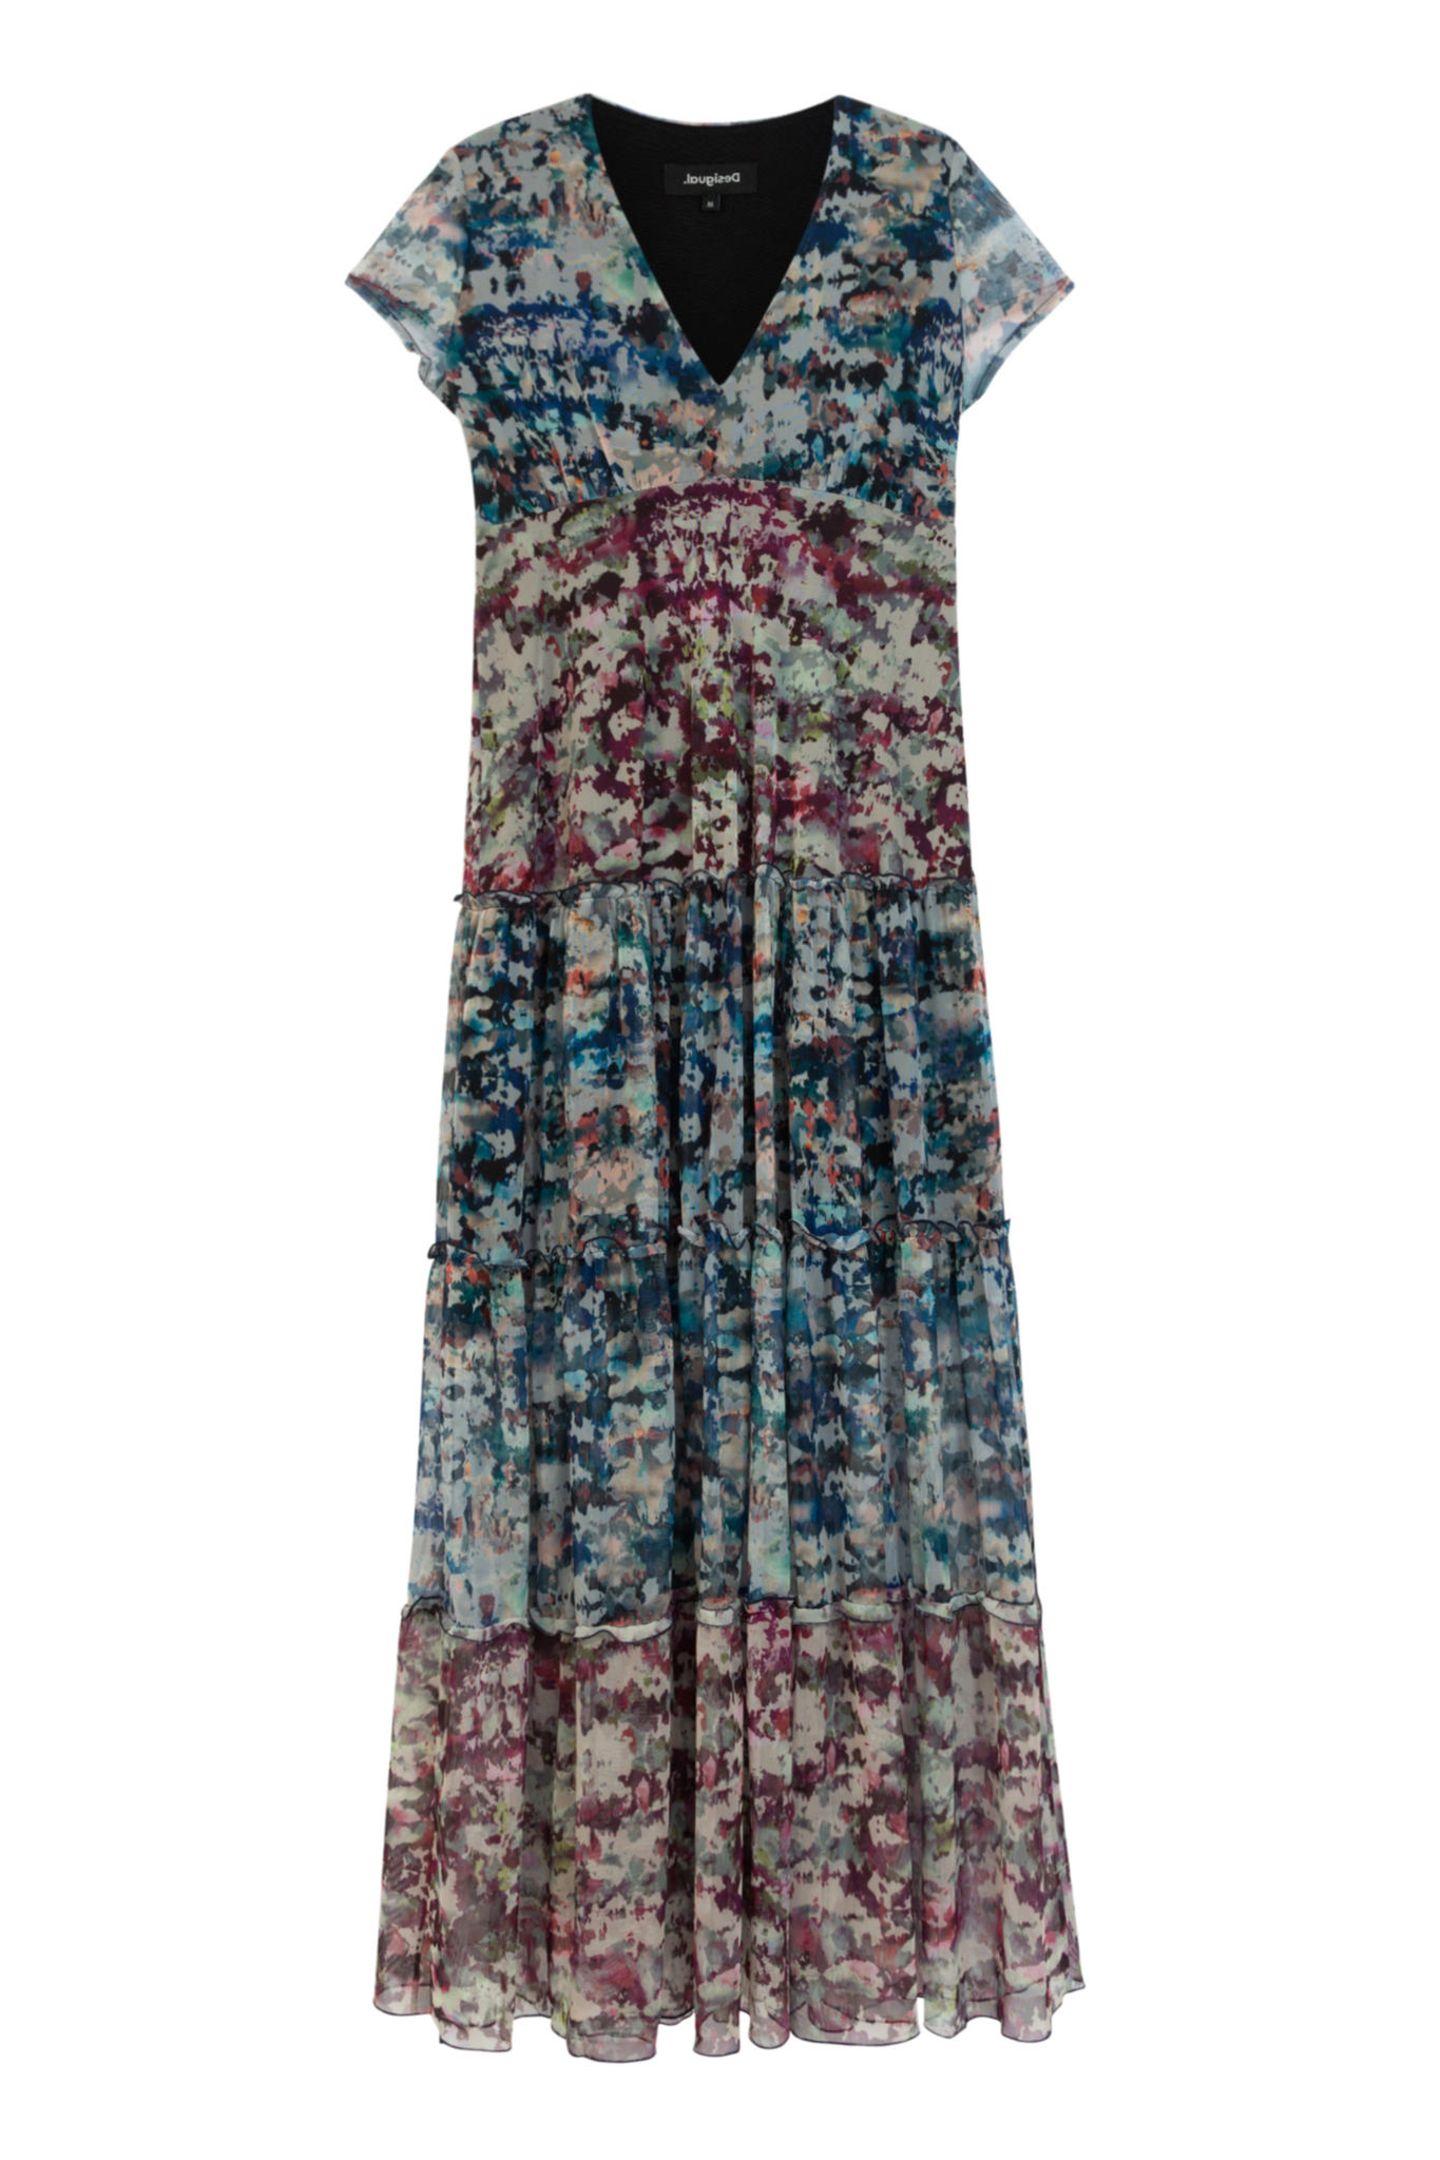 Sommerkleid von Desigual